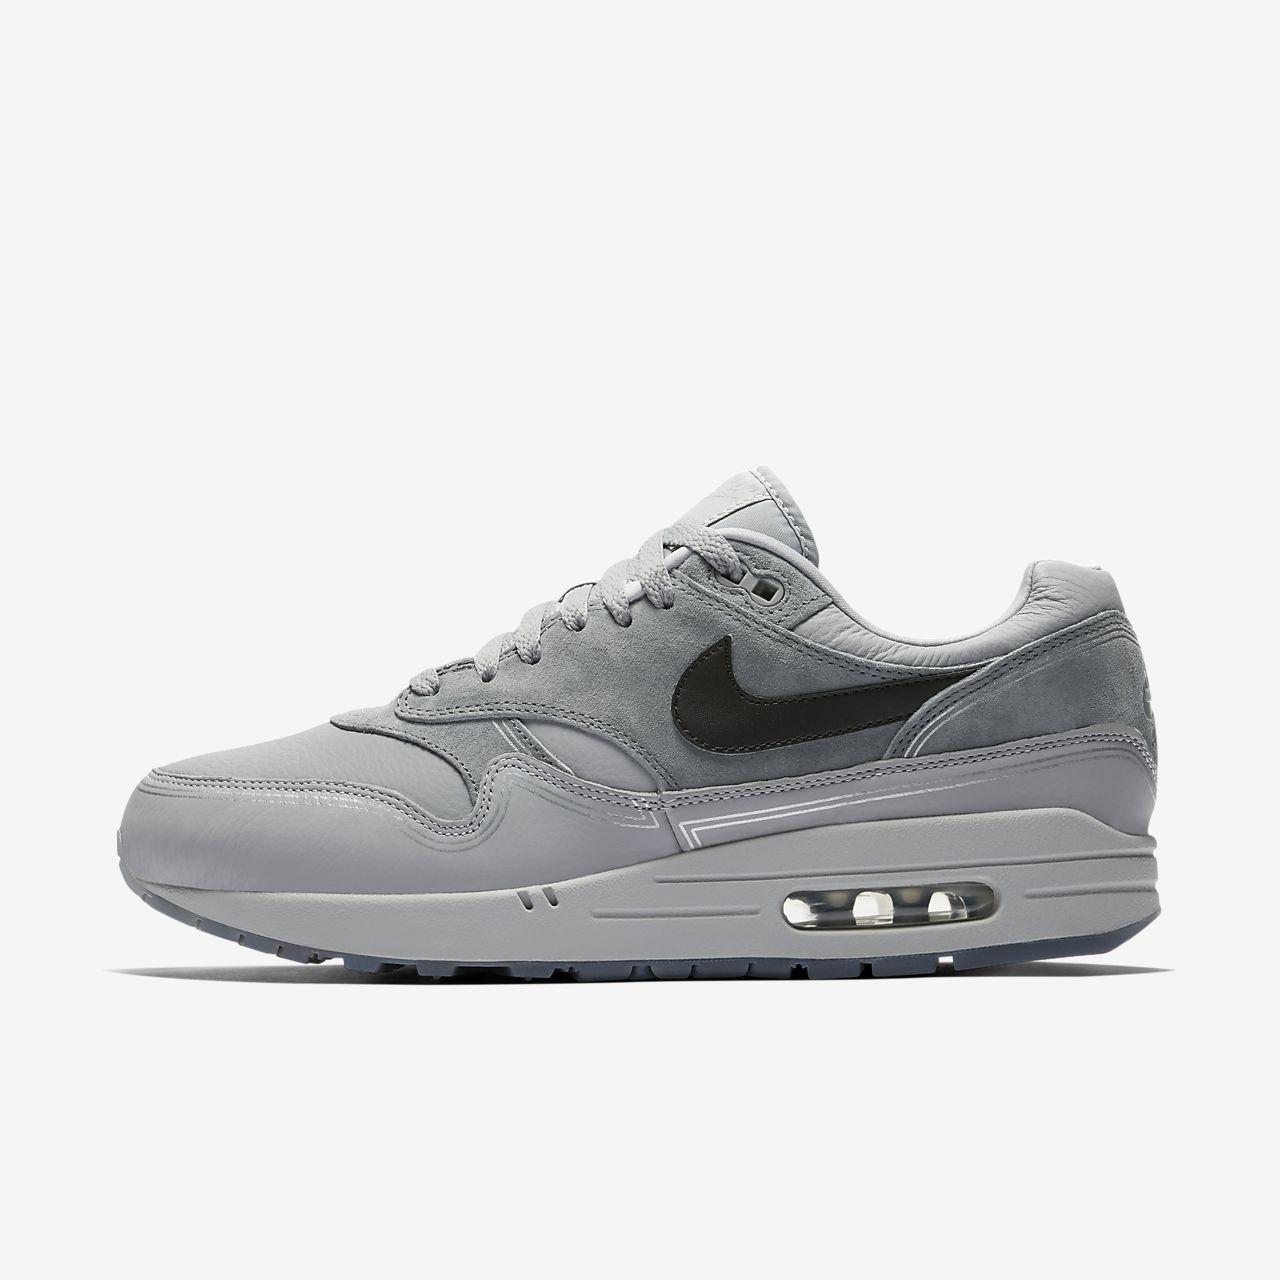 Nike Air Max 1 Gris UK Hombre Zapatos Mejor precio